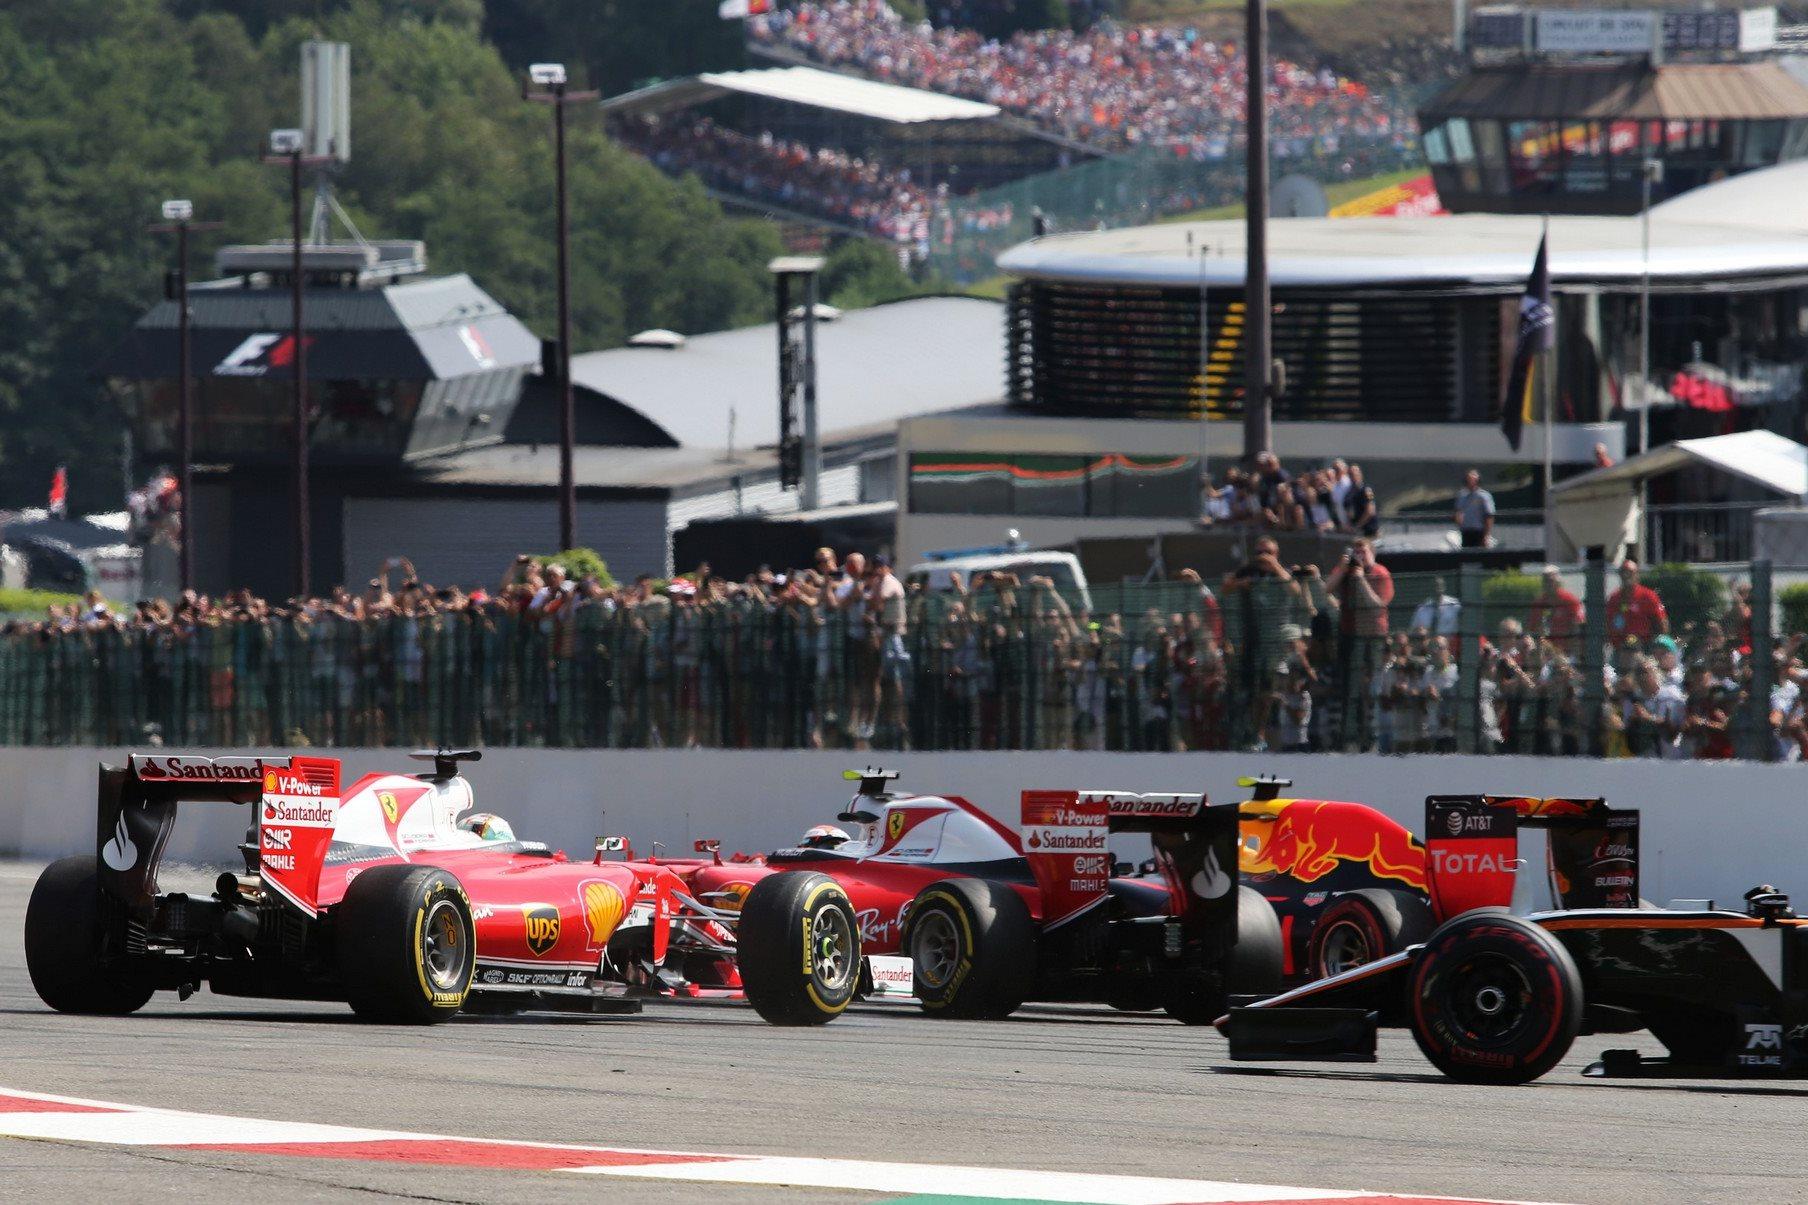 Ferrarijevi vozači priliku za postolje izgubili su već u prvom zavoju nakon incidenta s Verstappenom (Foto: XPB/F1fanatic)